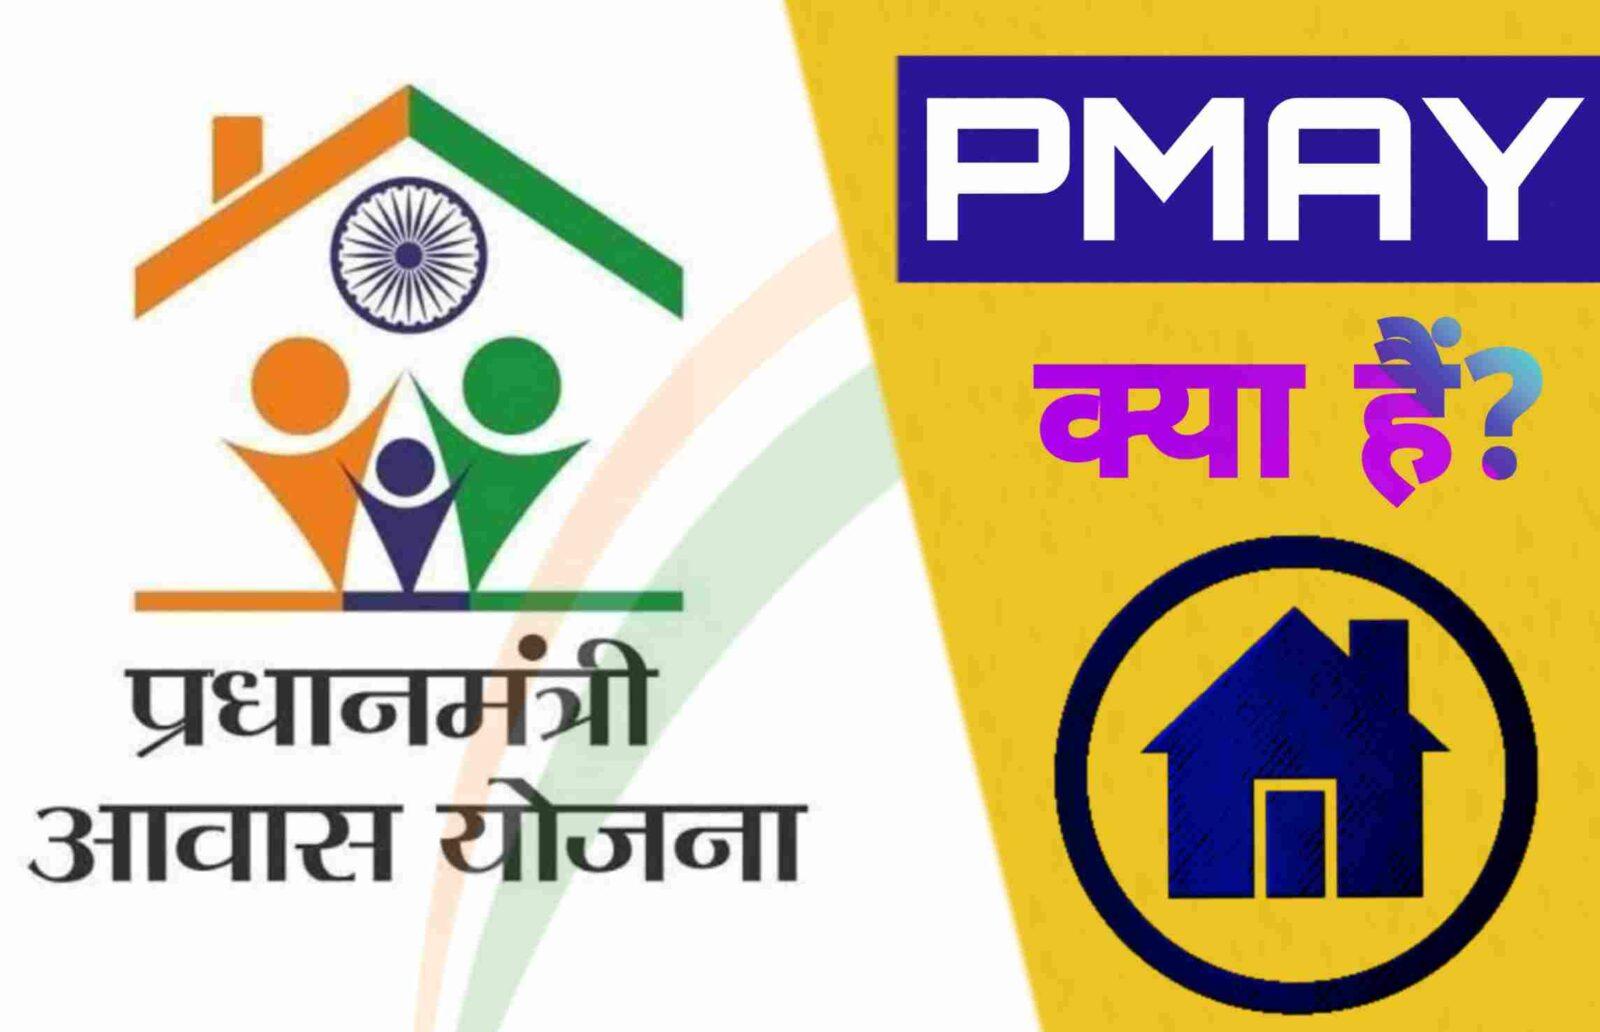 प्रधानमंत्री आवास योजना (PMAY) के लिए ऑनलाइन आवेदन कैसे करें?